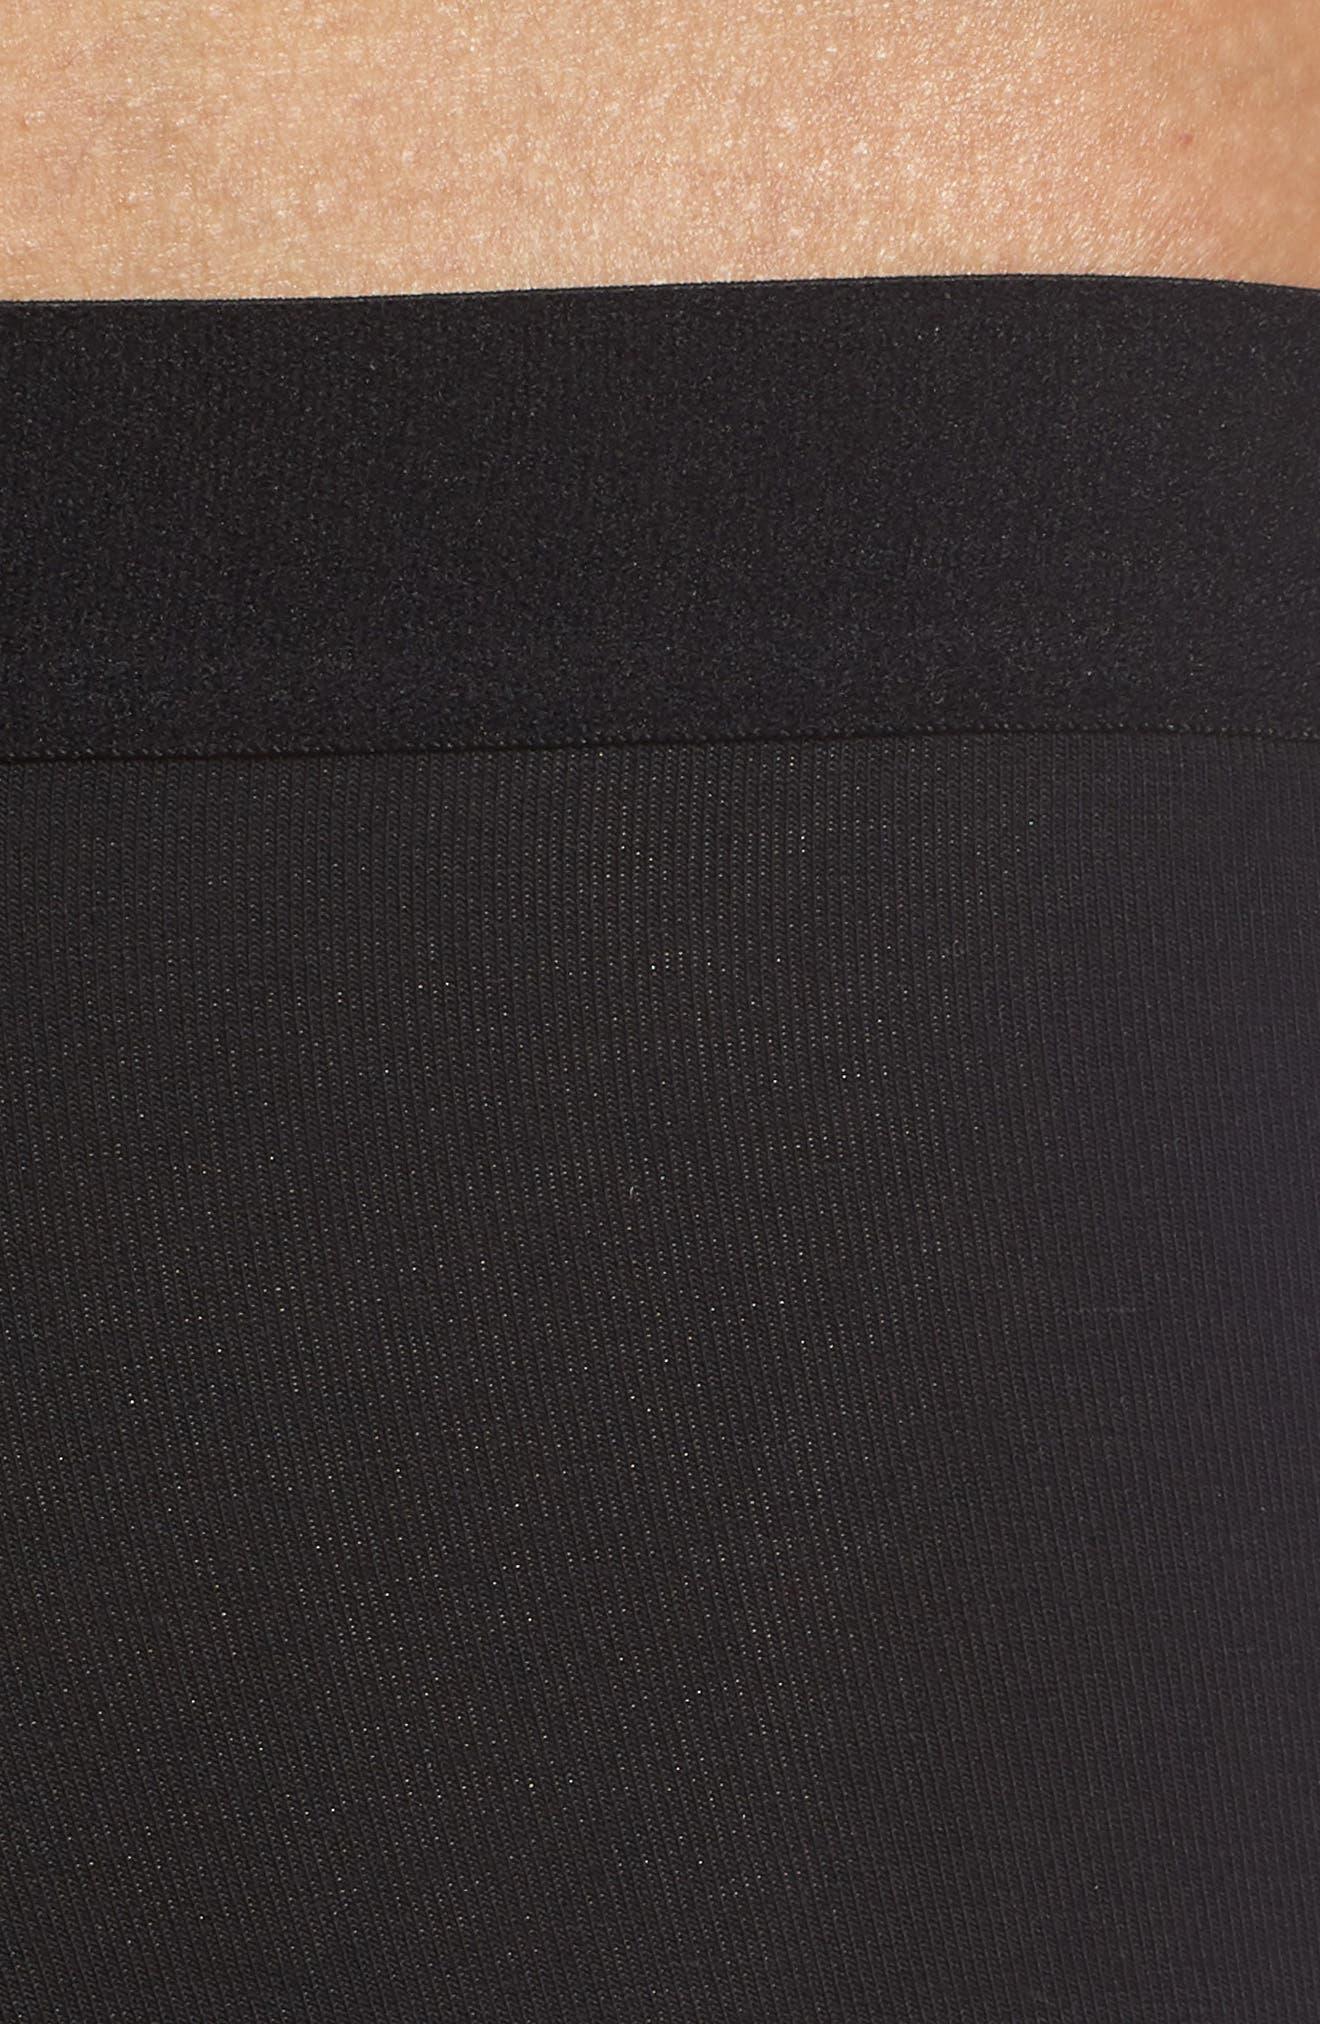 3-Pack Trunks,                             Alternate thumbnail 5, color,                             BLACK